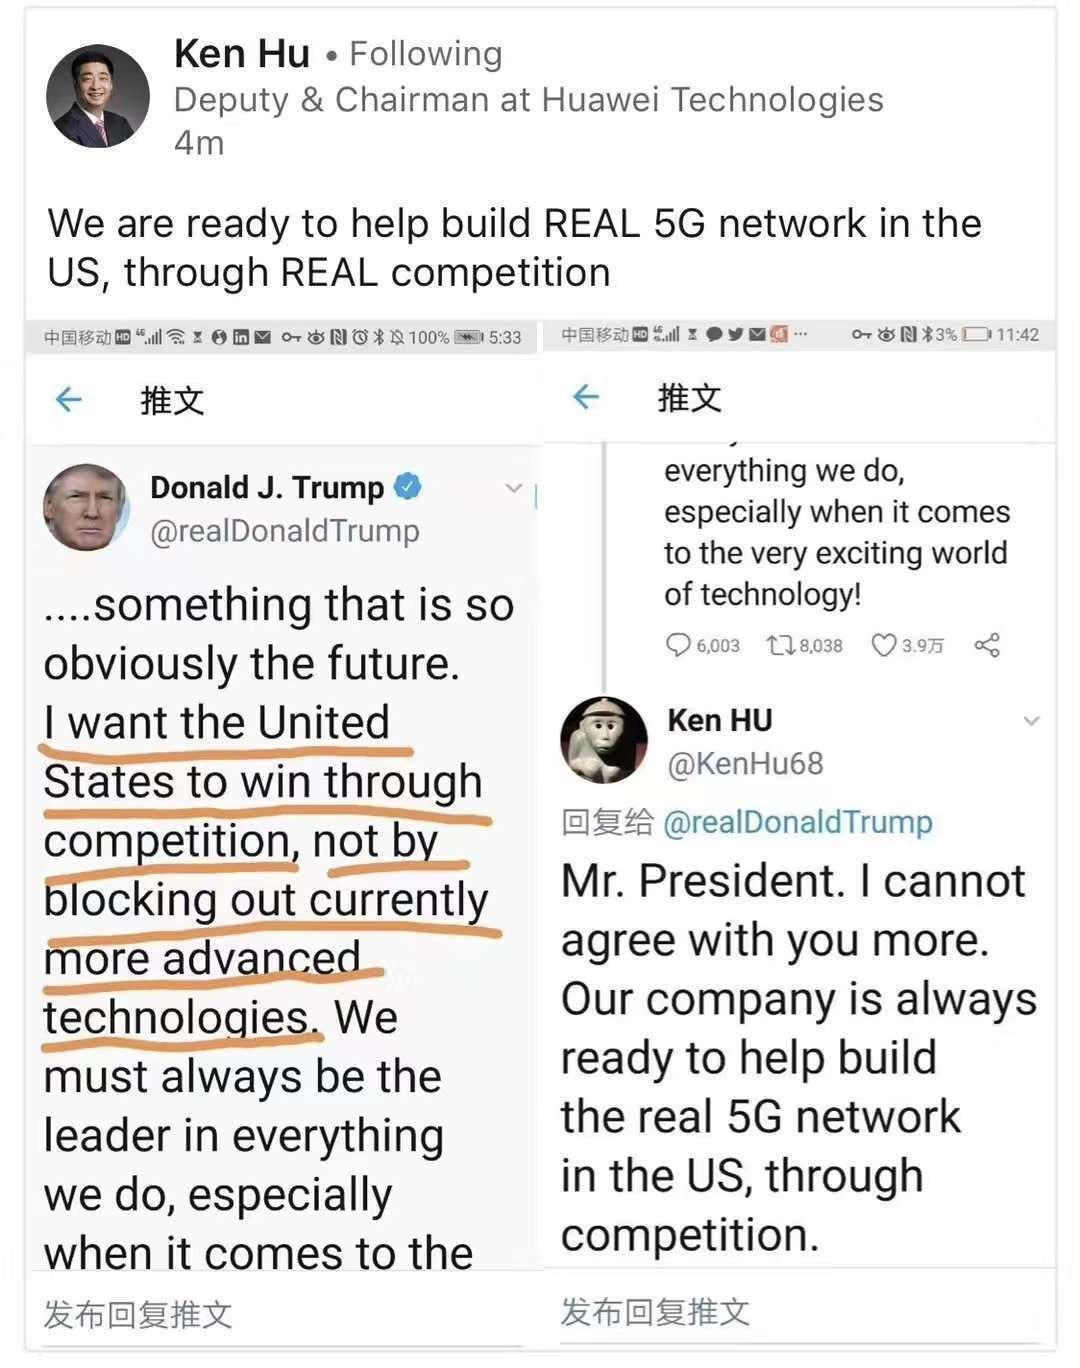 华为董事长:华为随时准备好为美国建设真正的5G网络